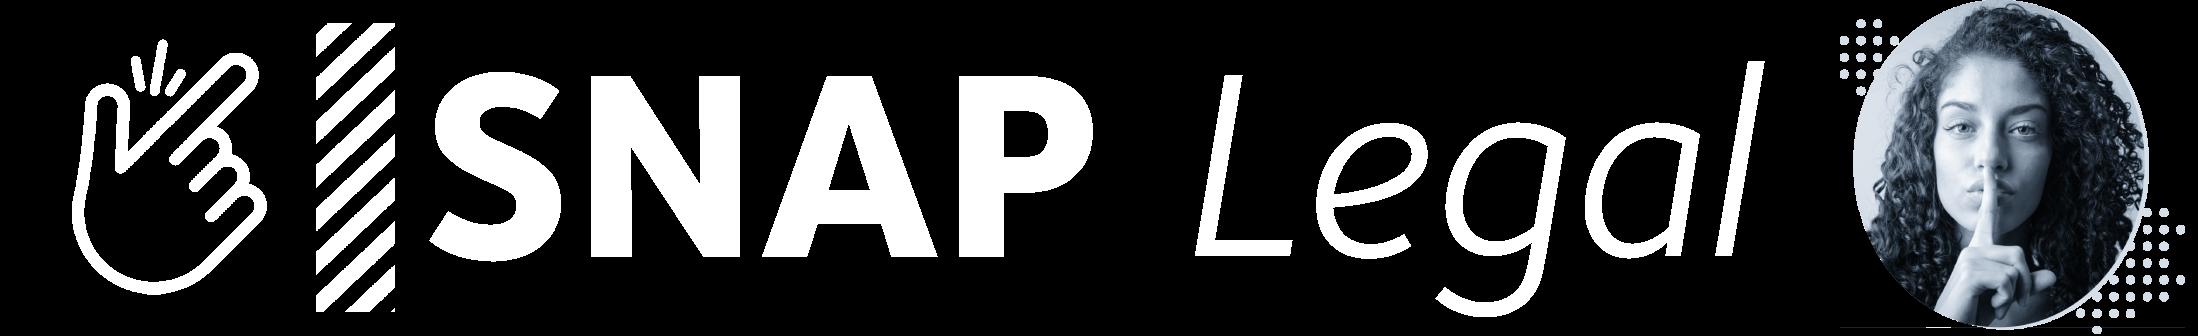 SNAP Legal - NDA 2020